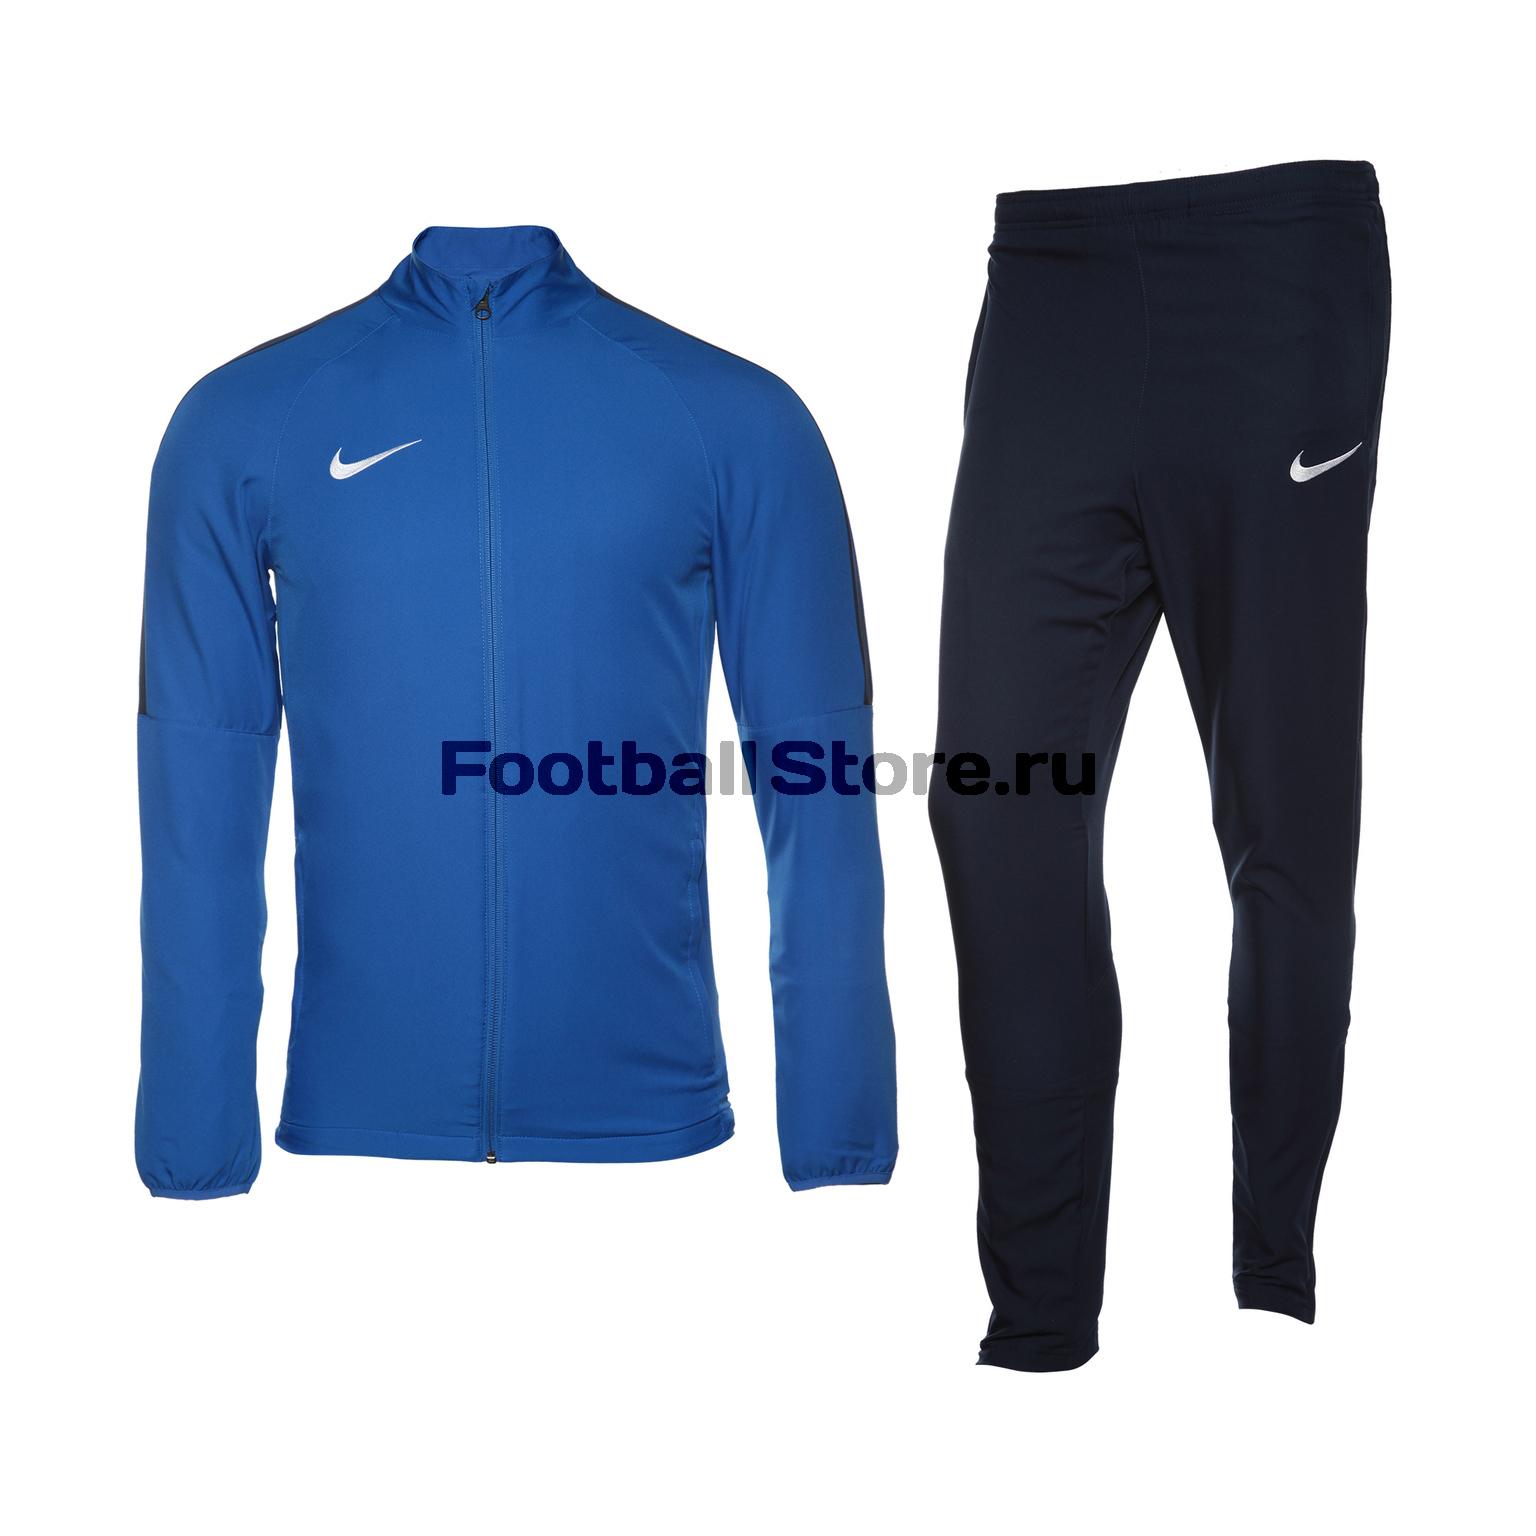 Костюм спортивный Nike Dry Academy18 TRK Suit W 893709-463 костюм спортивный nike dry academy 18 football tracksuit 893709 657 красн черн